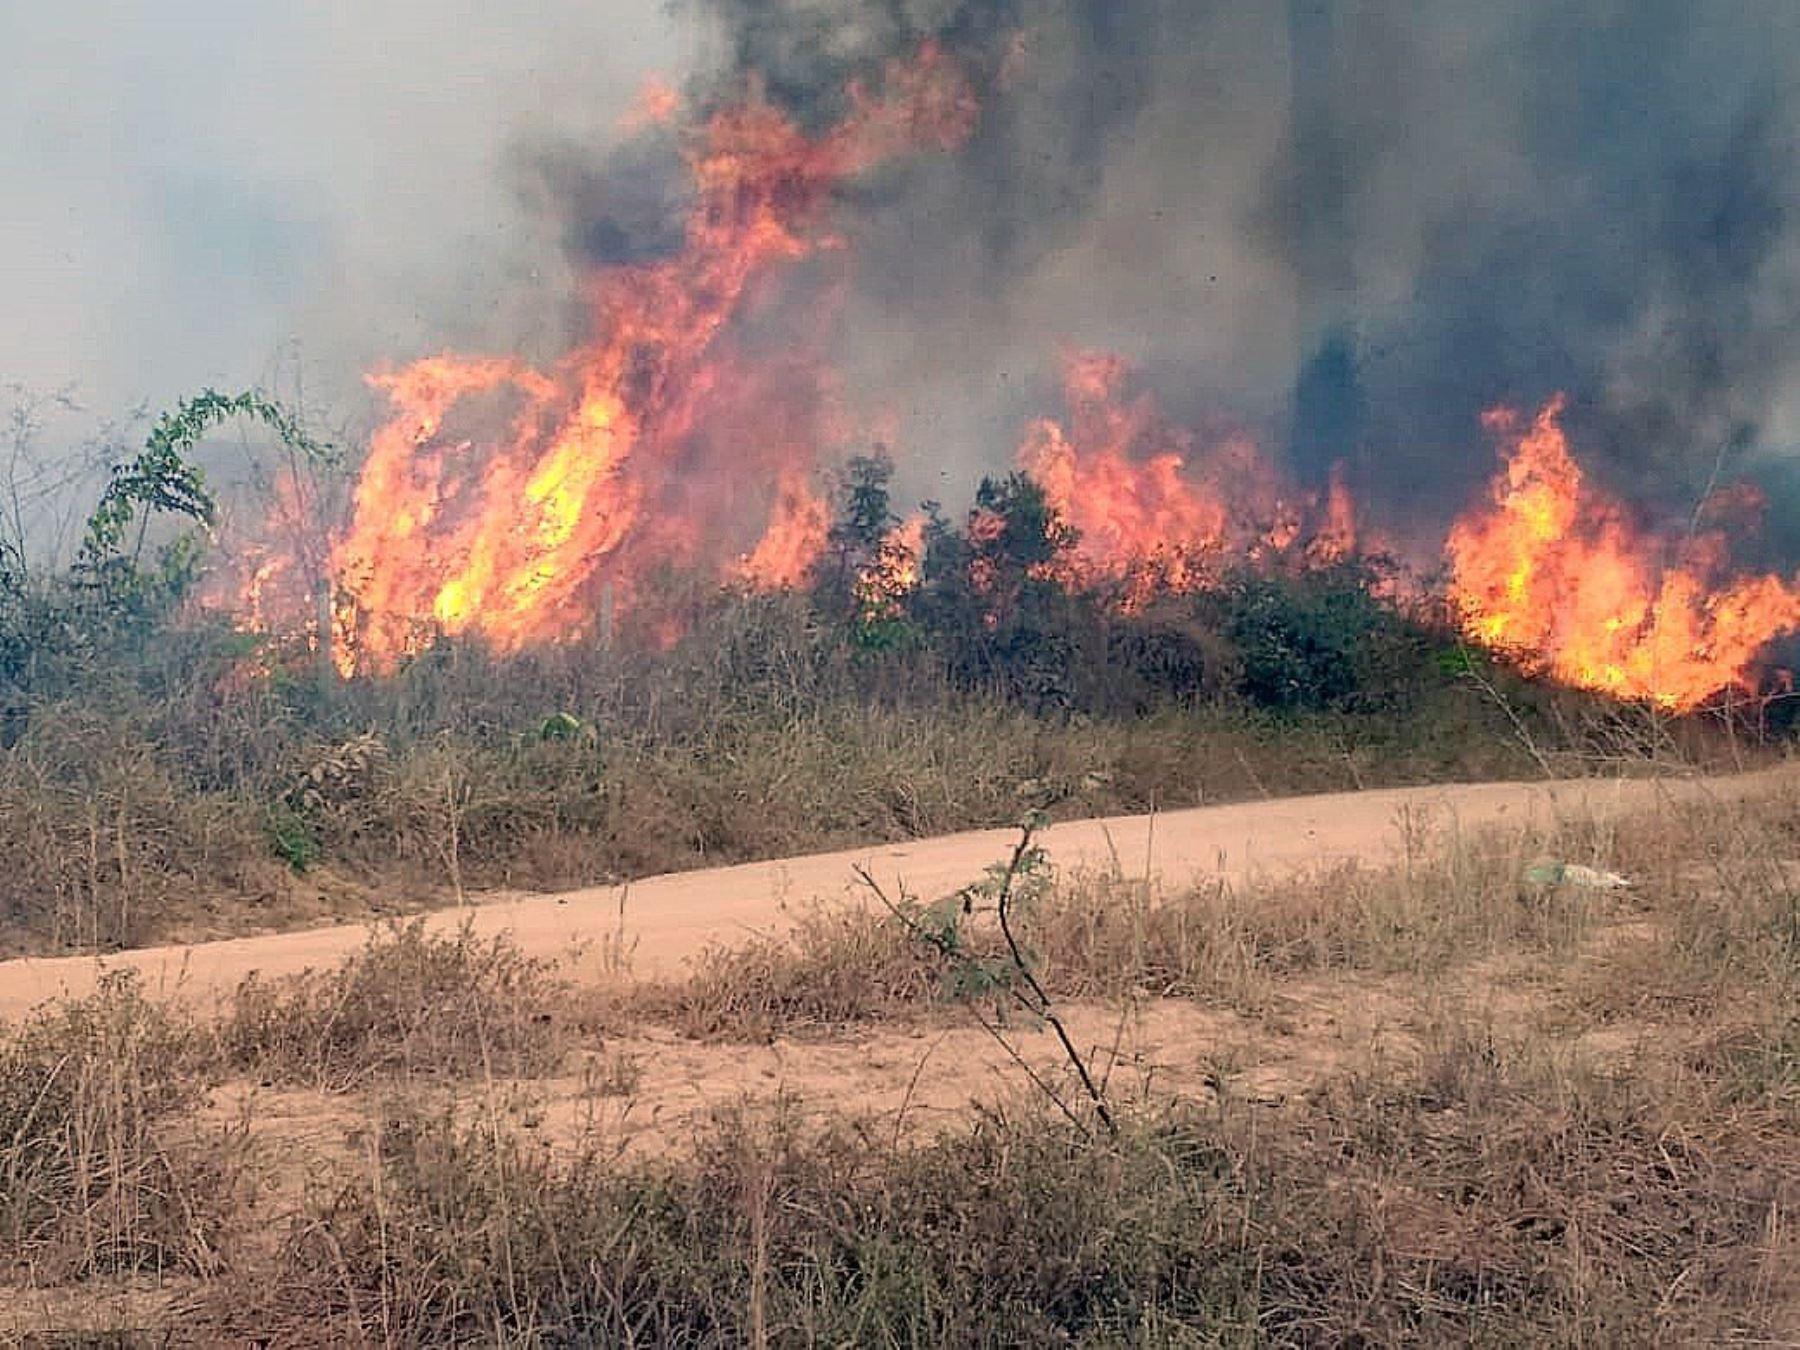 Fotografía del 21 de agosto de 2019, cedida por la Brigada Municipal que muestra uno de los incendios que azotan la amazonía brasileña, en Porto Velho, capital del estado amazónico de Rondonia (Brasil). EFE